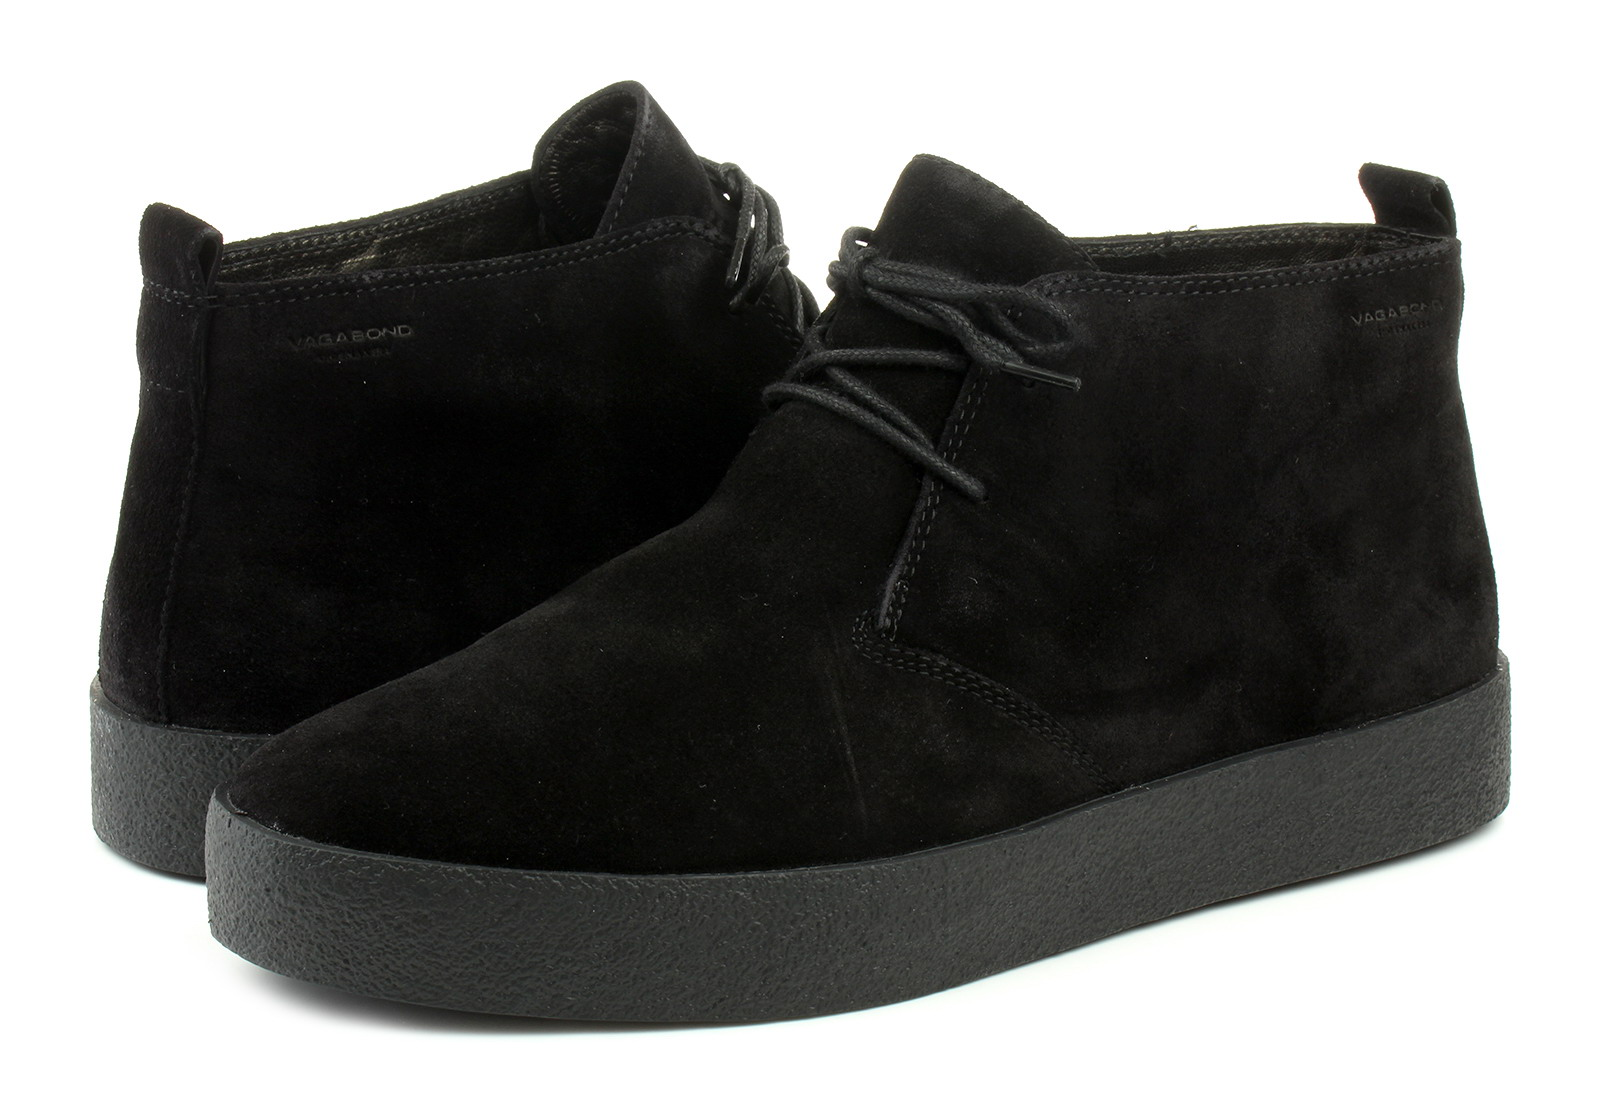 Vagabond Nízké boty Luis